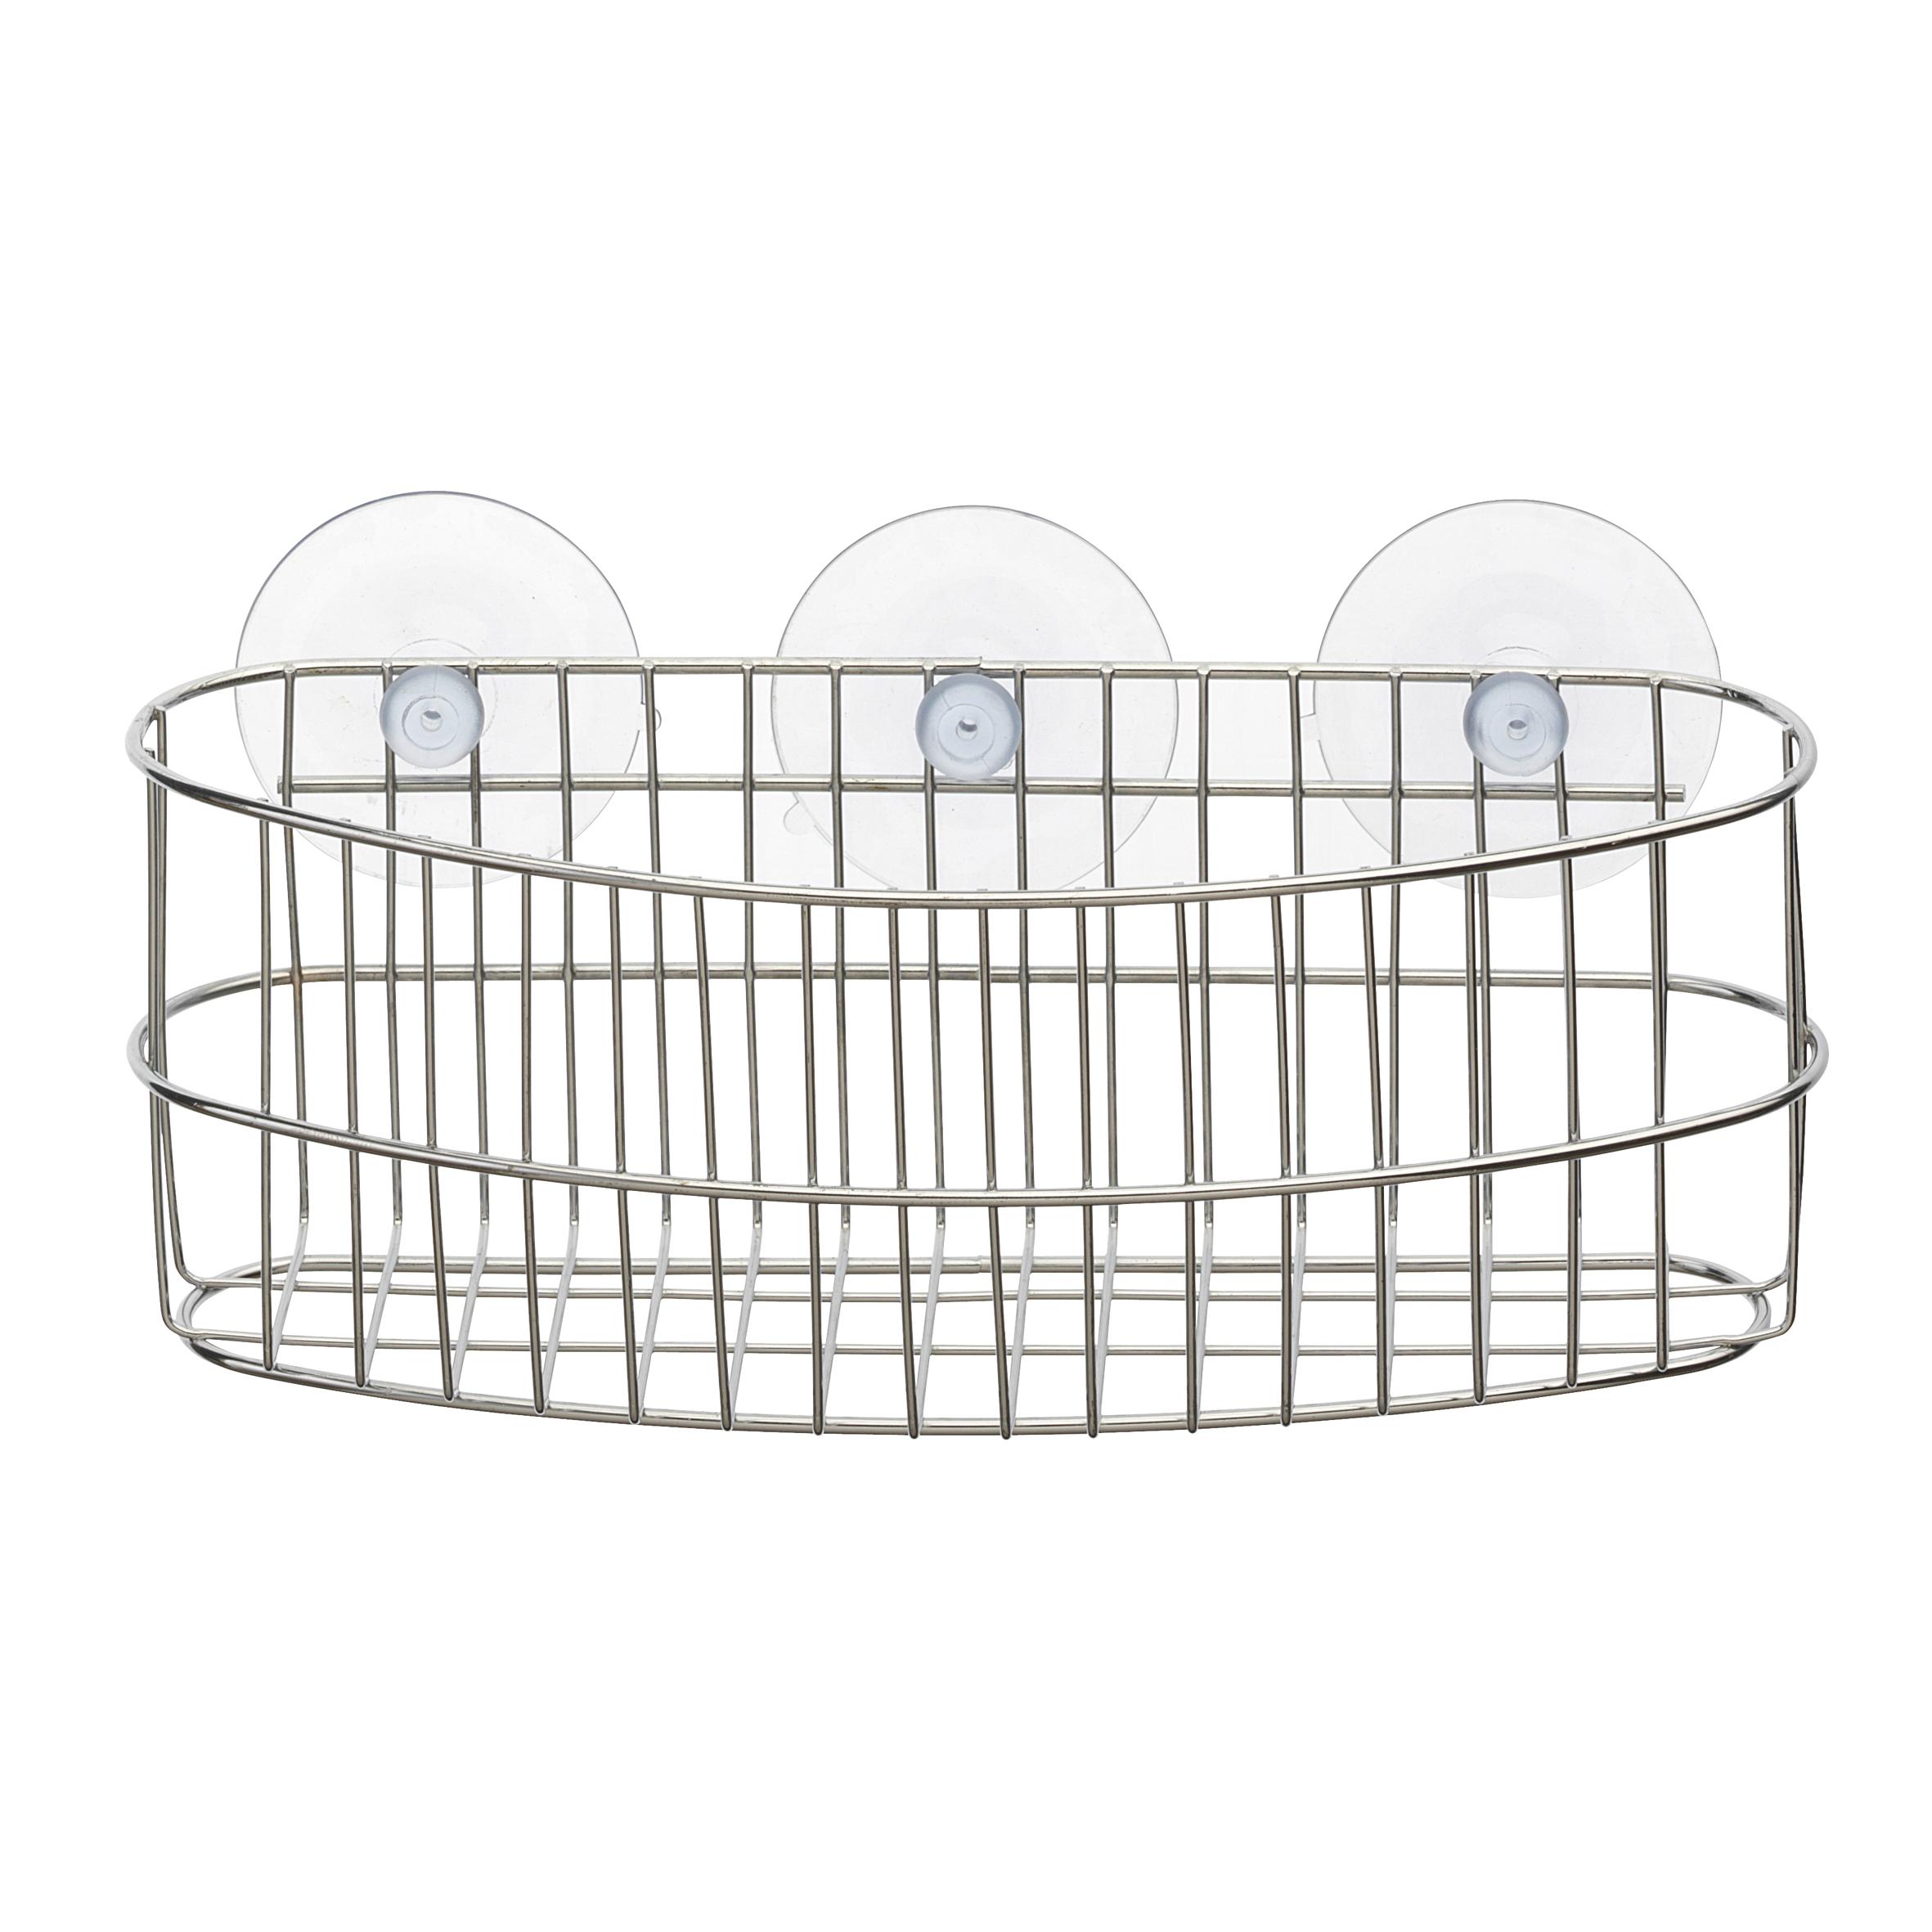 Корзинка для ванной Top Star, на присосках, 23,5 х 8 х 9 см702686Настенная корзинка для ванной комнаты Top Star изготовлена из высококачественной хромированной стали, устойчивой к высокой влажности. Глубокая корзинка овальной формы отлично подойдет для хранения тюбиков гелей для душа, шампуней, мочалок и прочего. Изделие крепится к стене с помощью присосок (входят в комплект).